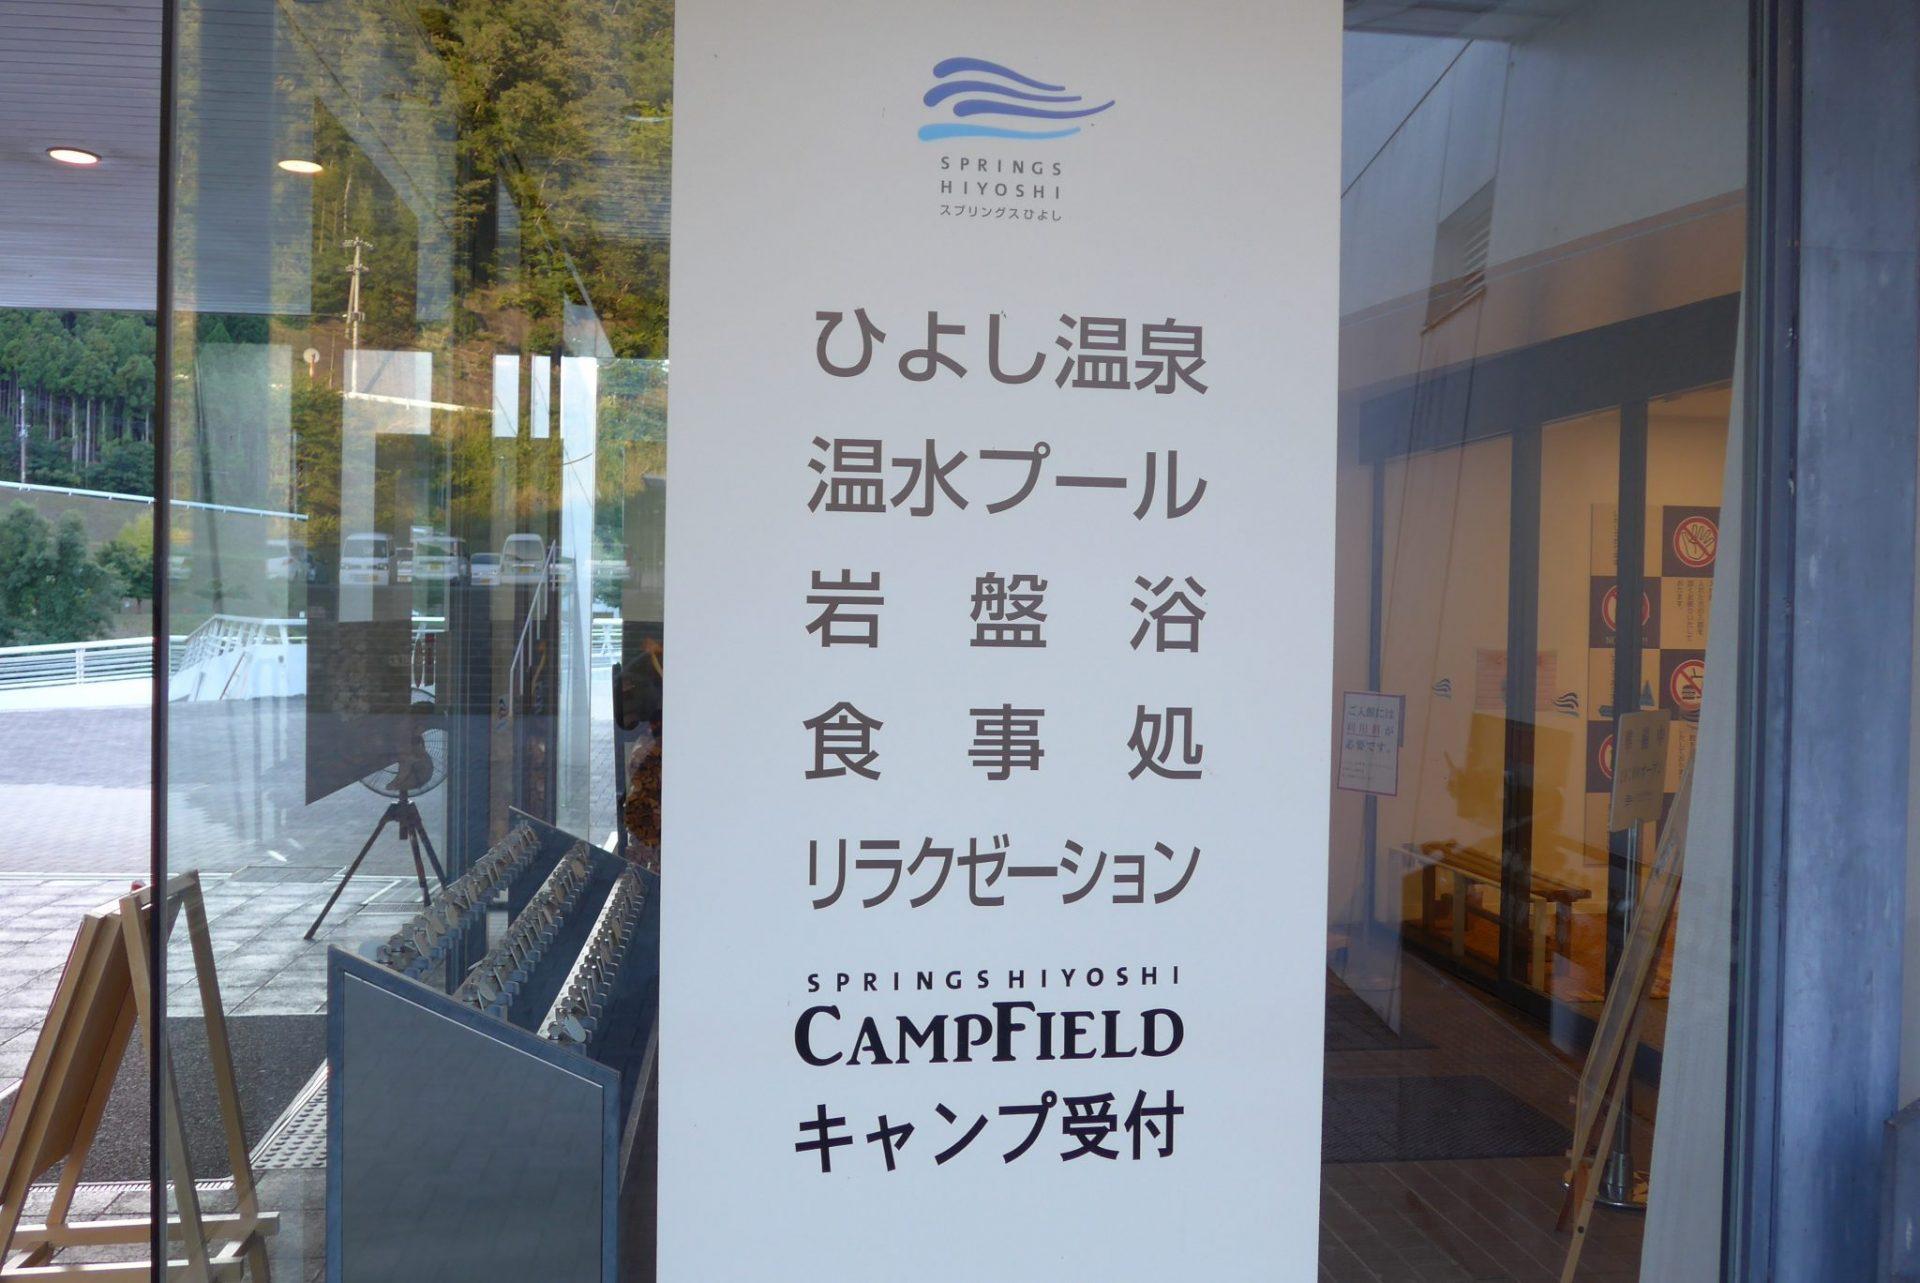 (K)道の駅スプリングひよしの車中泊〜複合施設と天然温泉が魅力